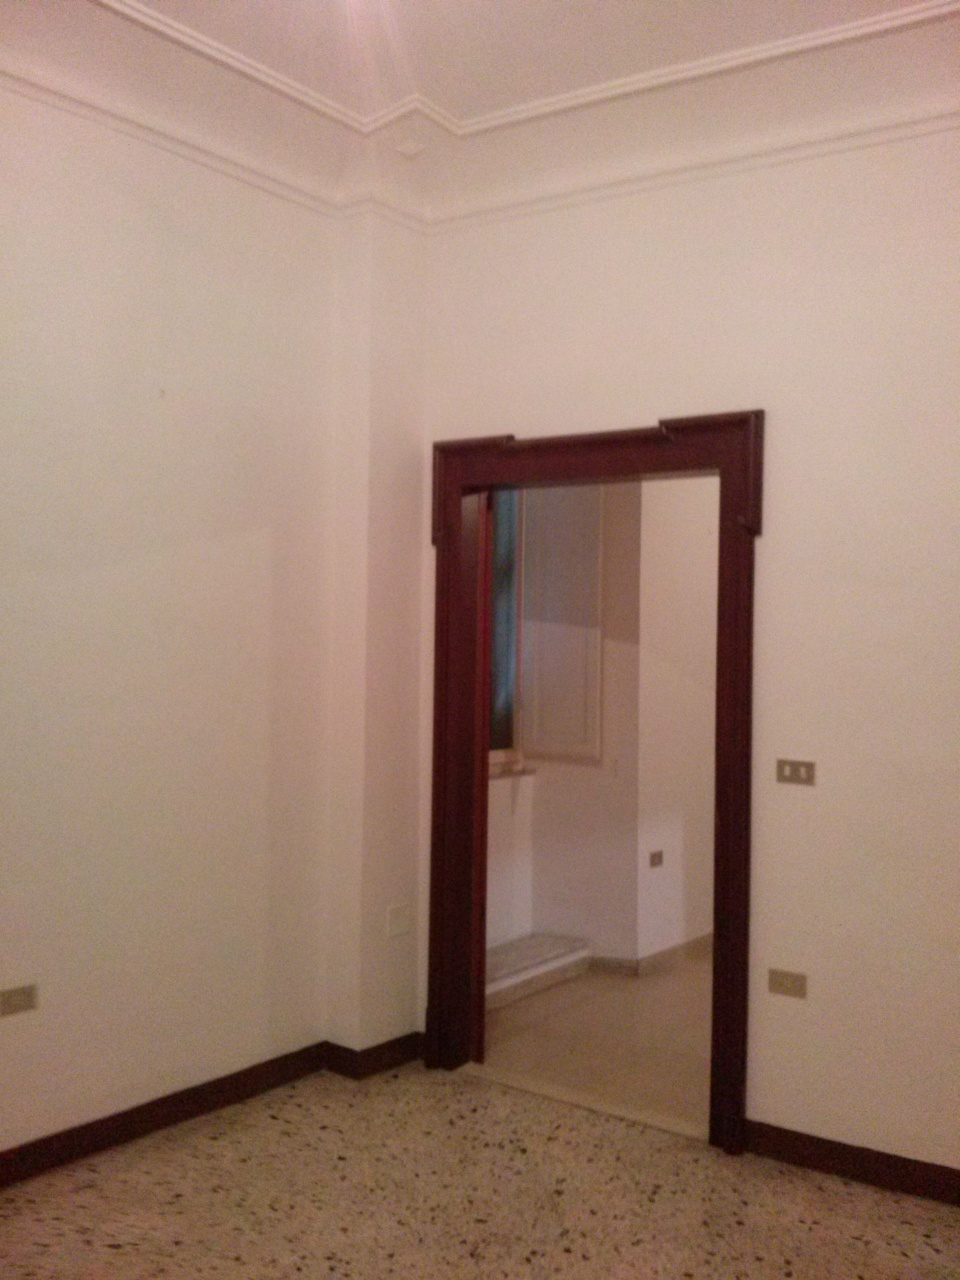 Appartamento in affitto a Ascoli Piceno, 5 locali, zona Località: CentroStorico, prezzo € 650 | CambioCasa.it